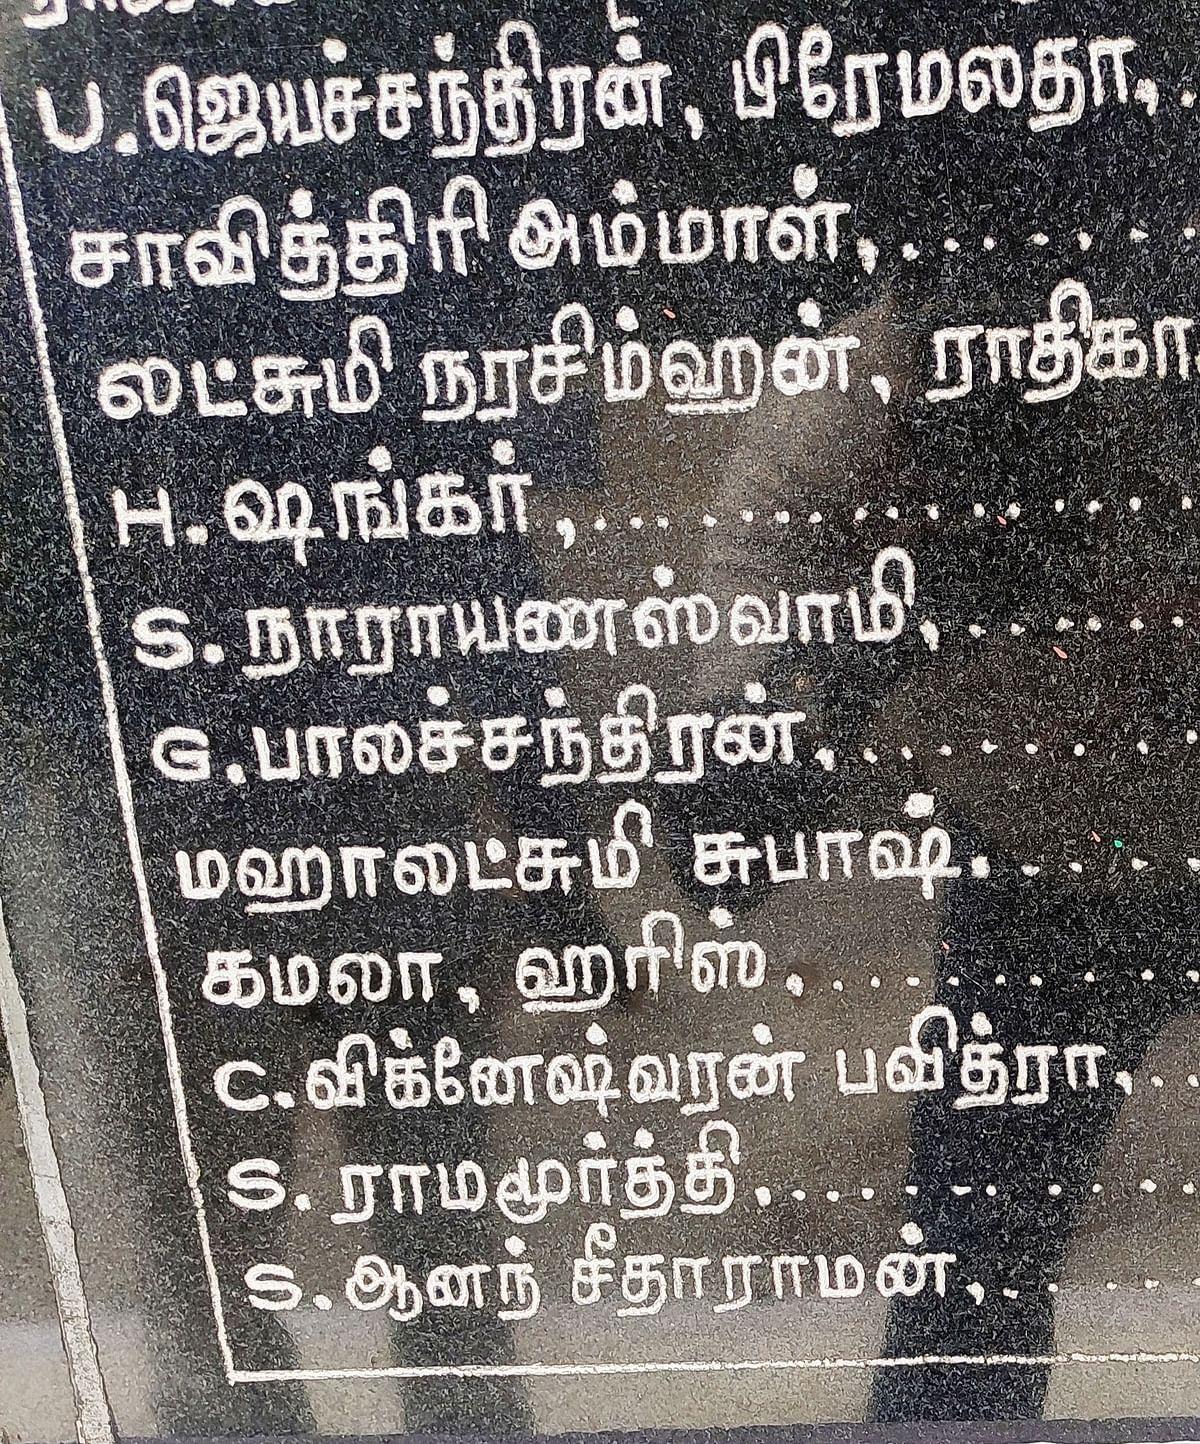 கோயில் கல்வெட்டு- நன்கொடையாளர்கள் பட்டியலில் கமலா ஹாரிஸ்